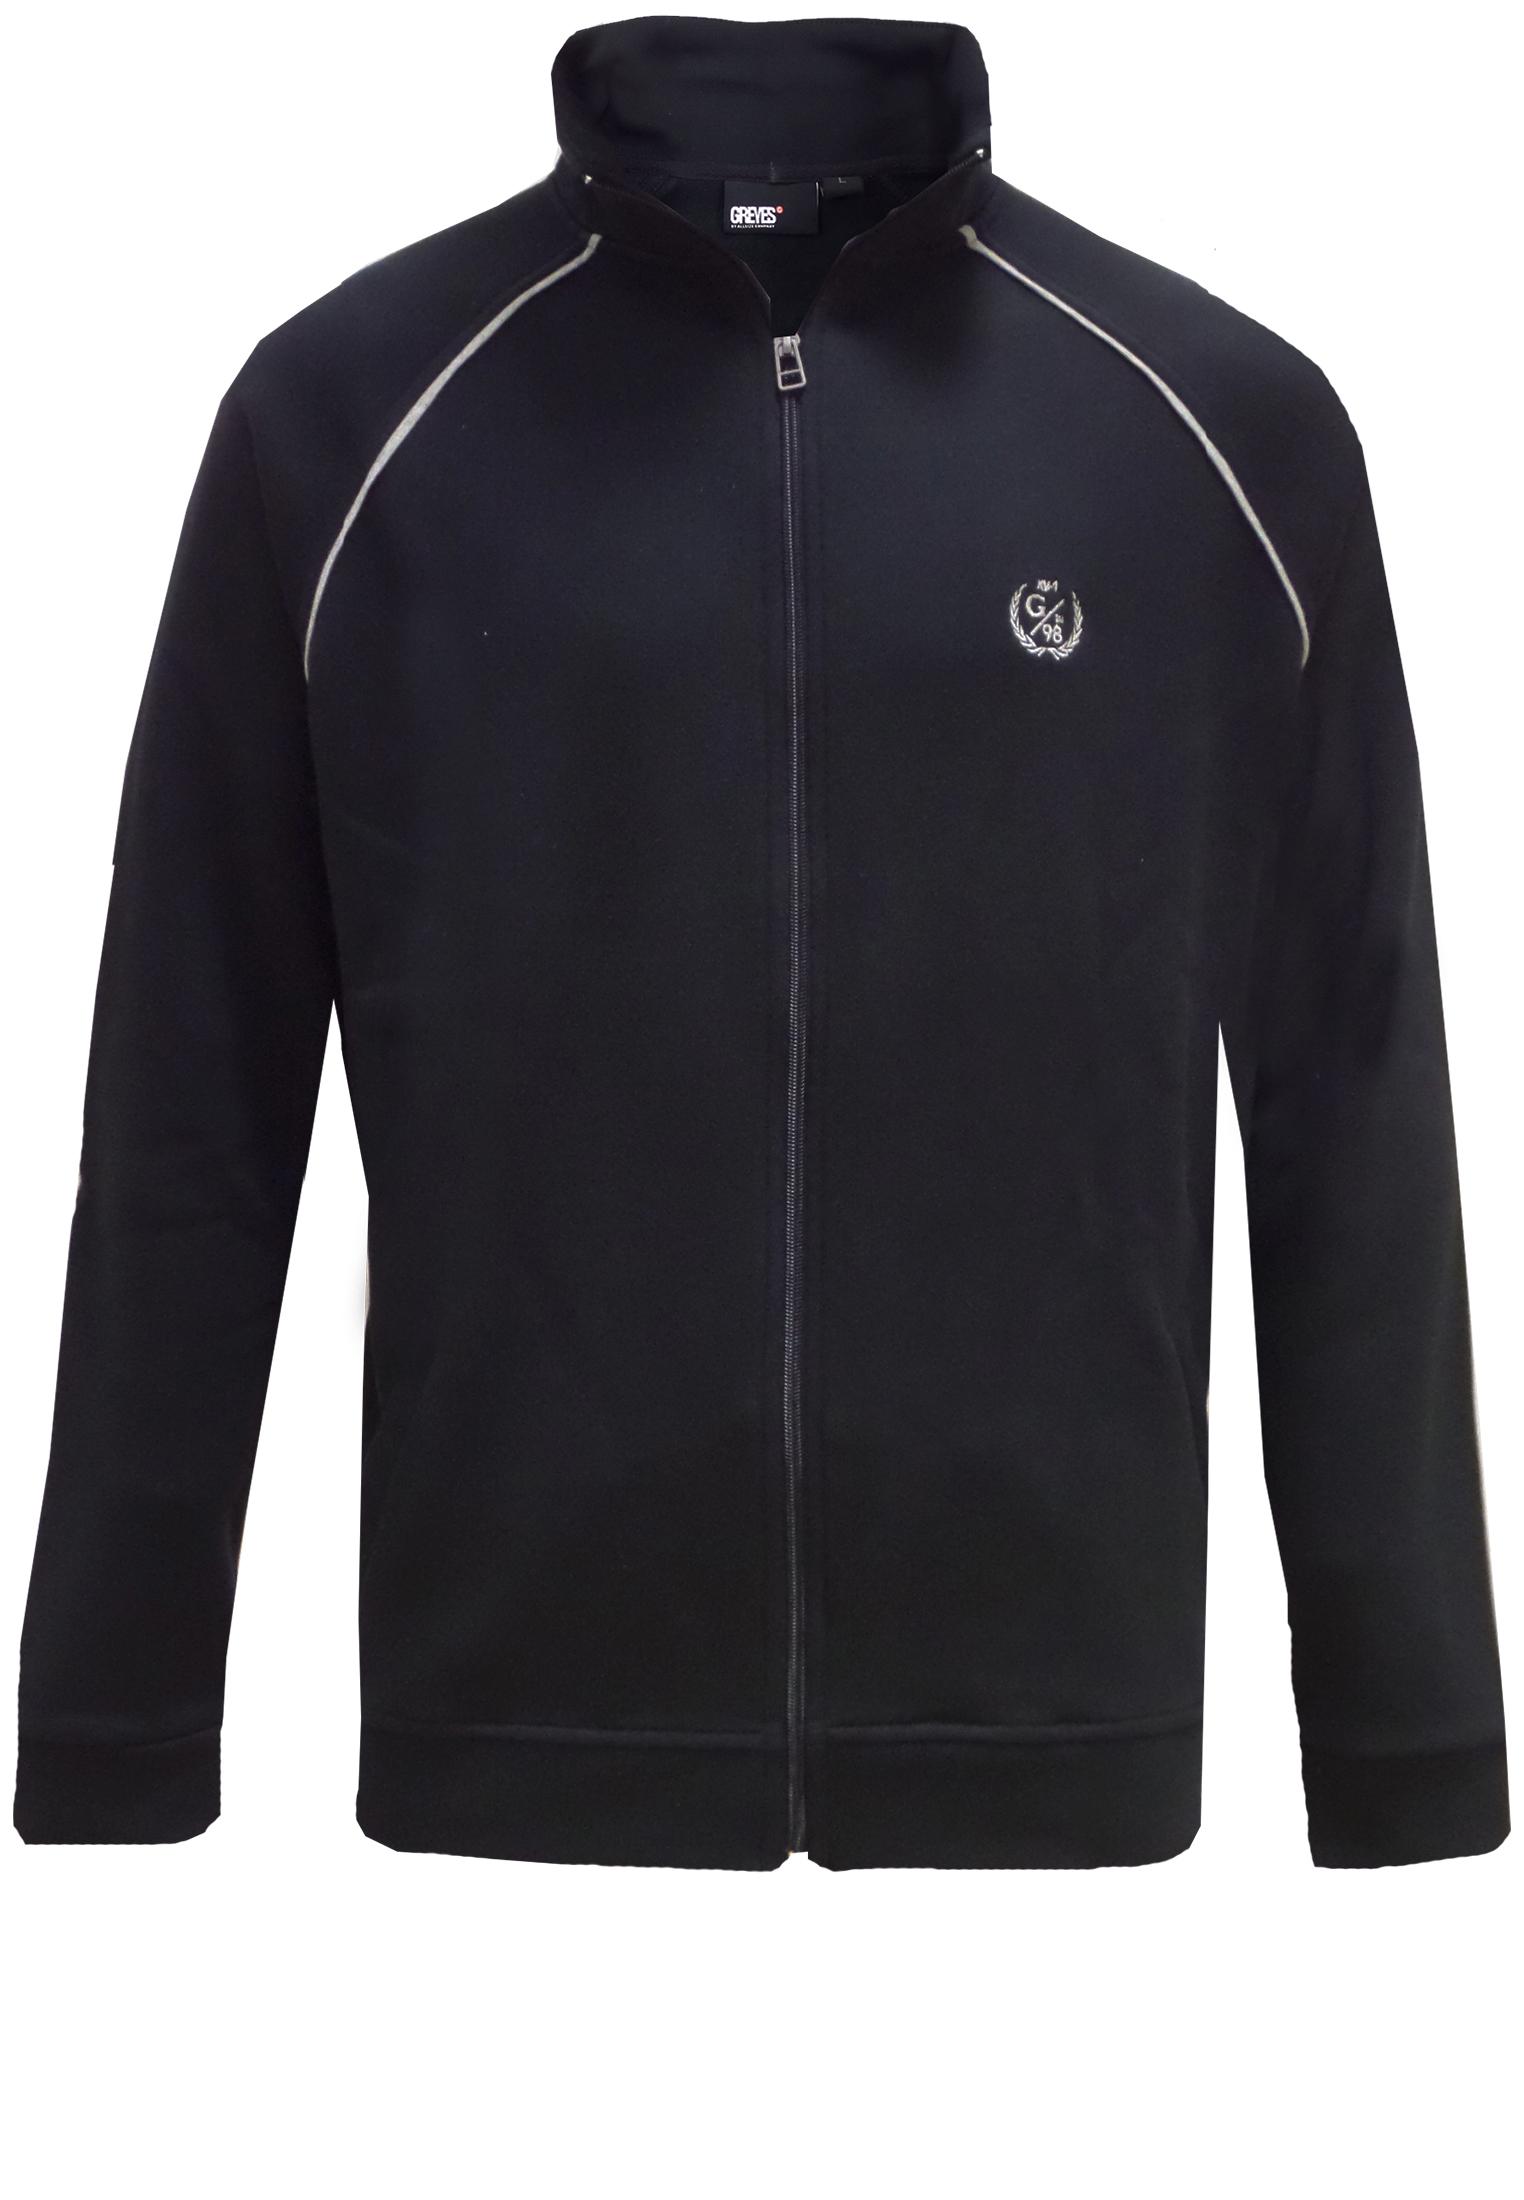 Zwart sweatvest van het merk Greyes met staande kraag, applicatie op de borst en doorlopende rits. Twee steekzakken aan de voorzijde.